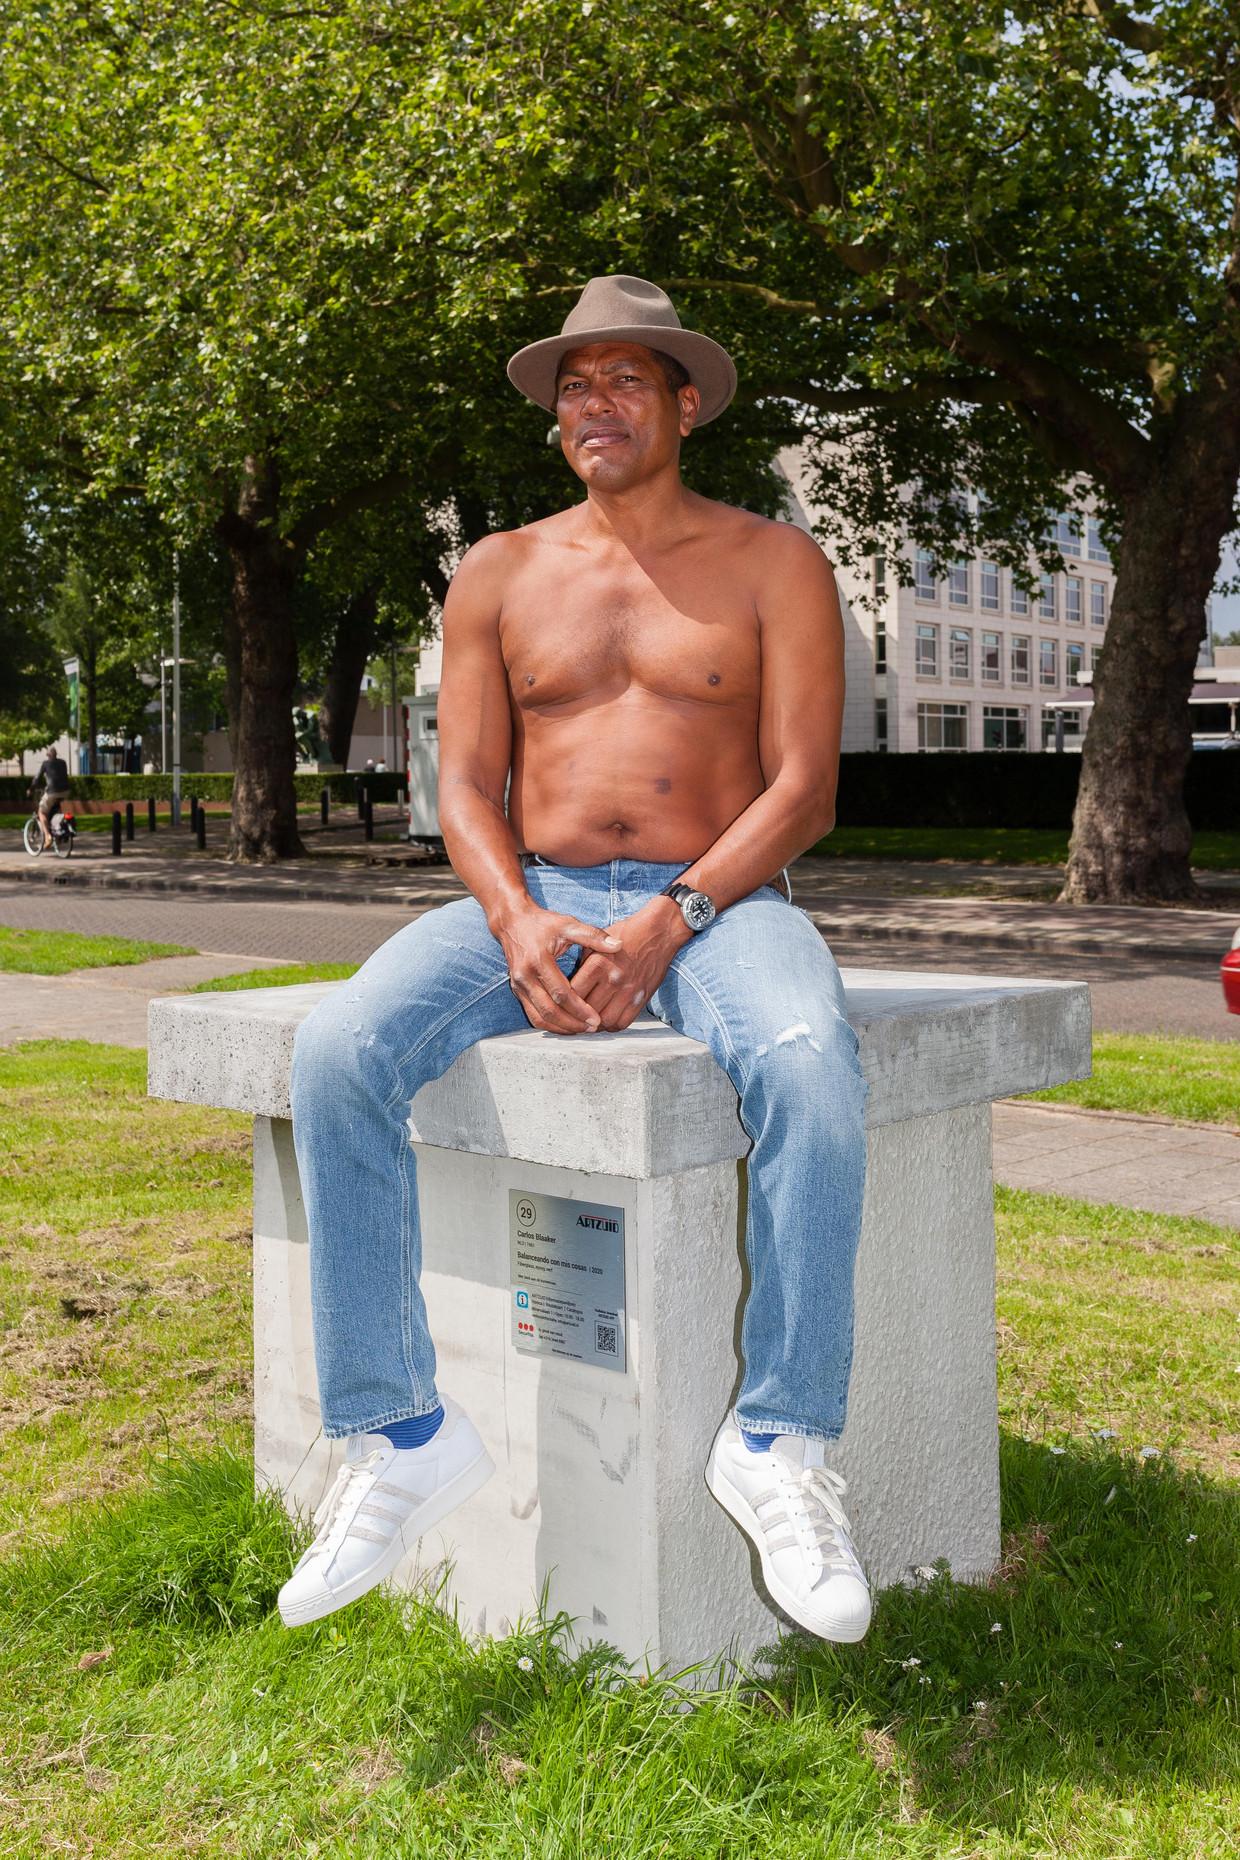 Carlos Blaaker op de nog lege sokkel op de Minervalaan waar zijn beeldhouwwerk tijdens ArtZuid had moeten staan. Beeld Nina Schollaardt